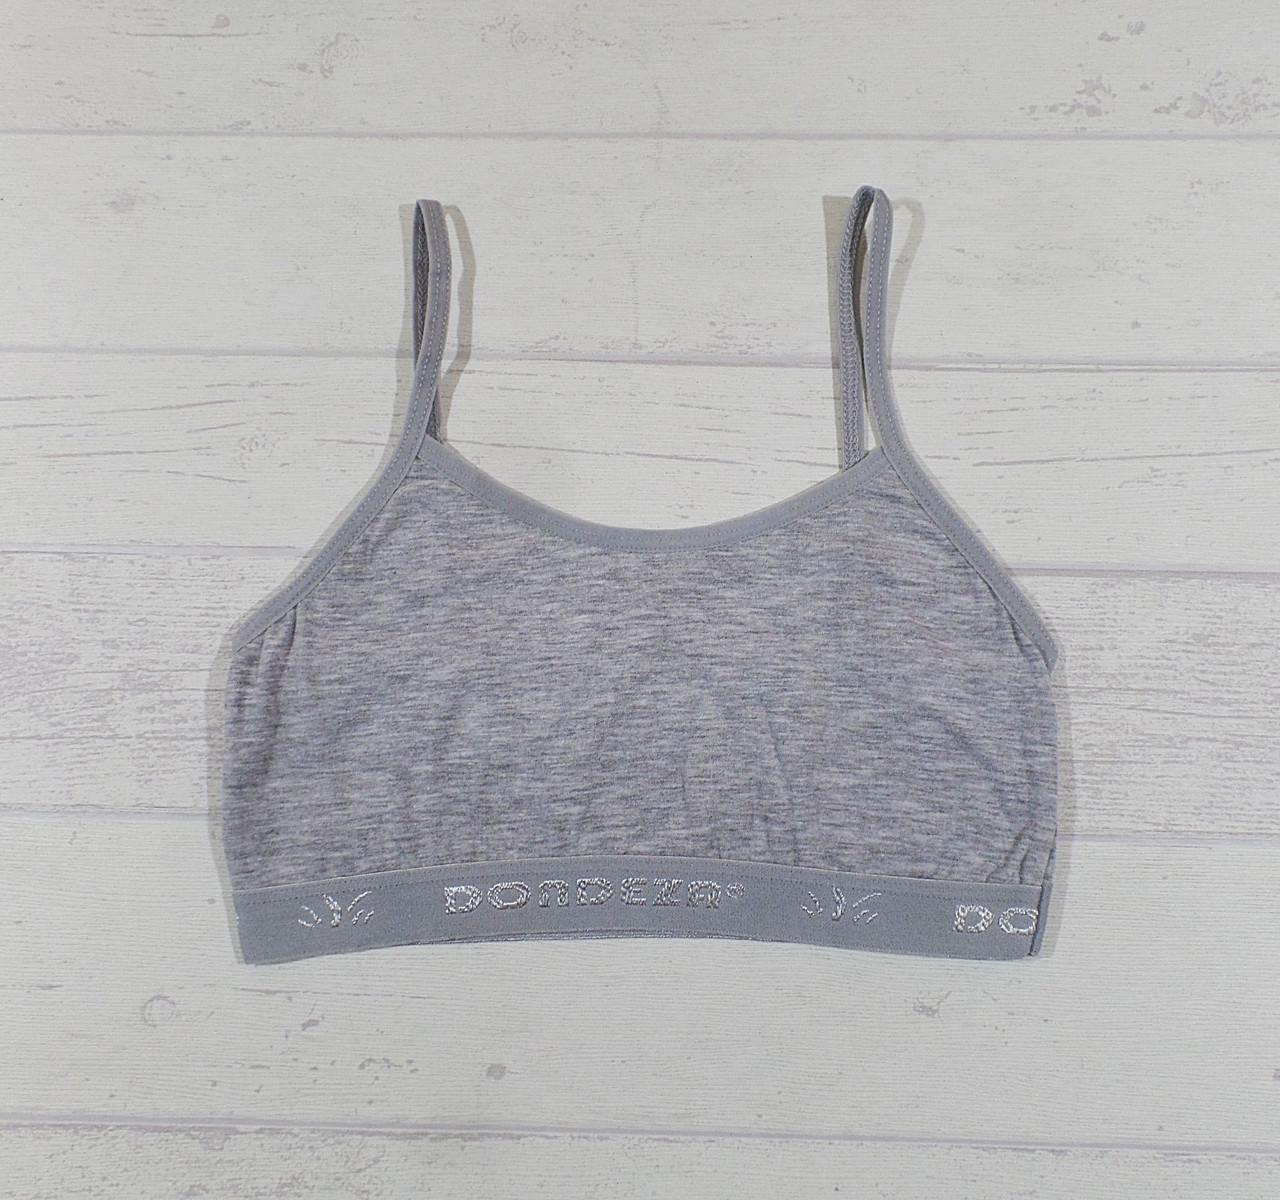 Топик серый для девочки размер L-XL 14-15 лет 65581612773